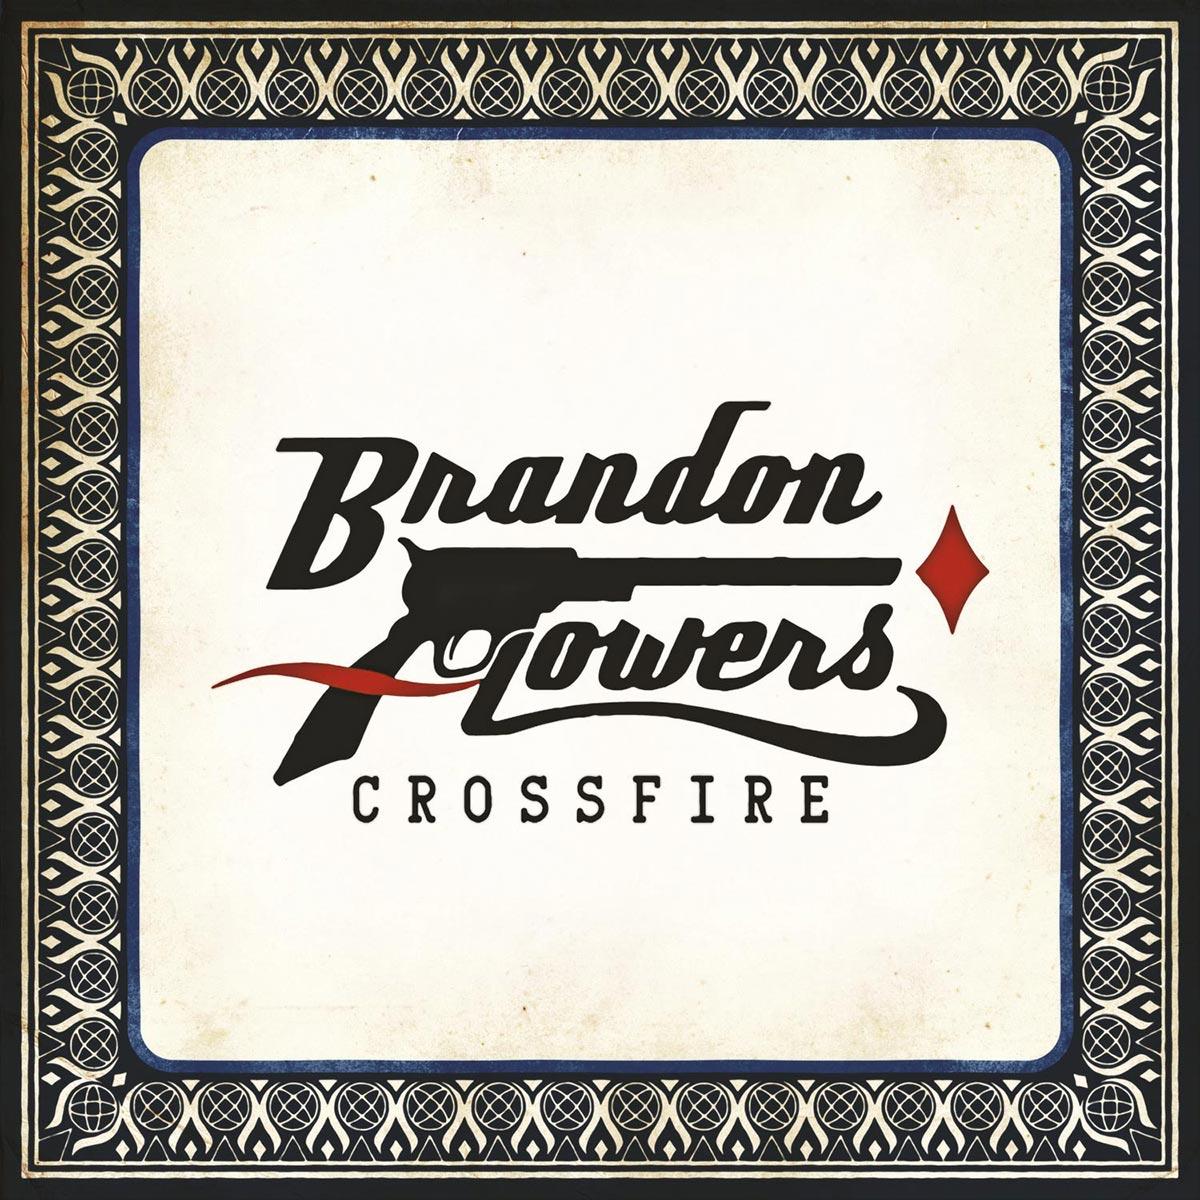 Il primo singolo di Brandon è Crossfire